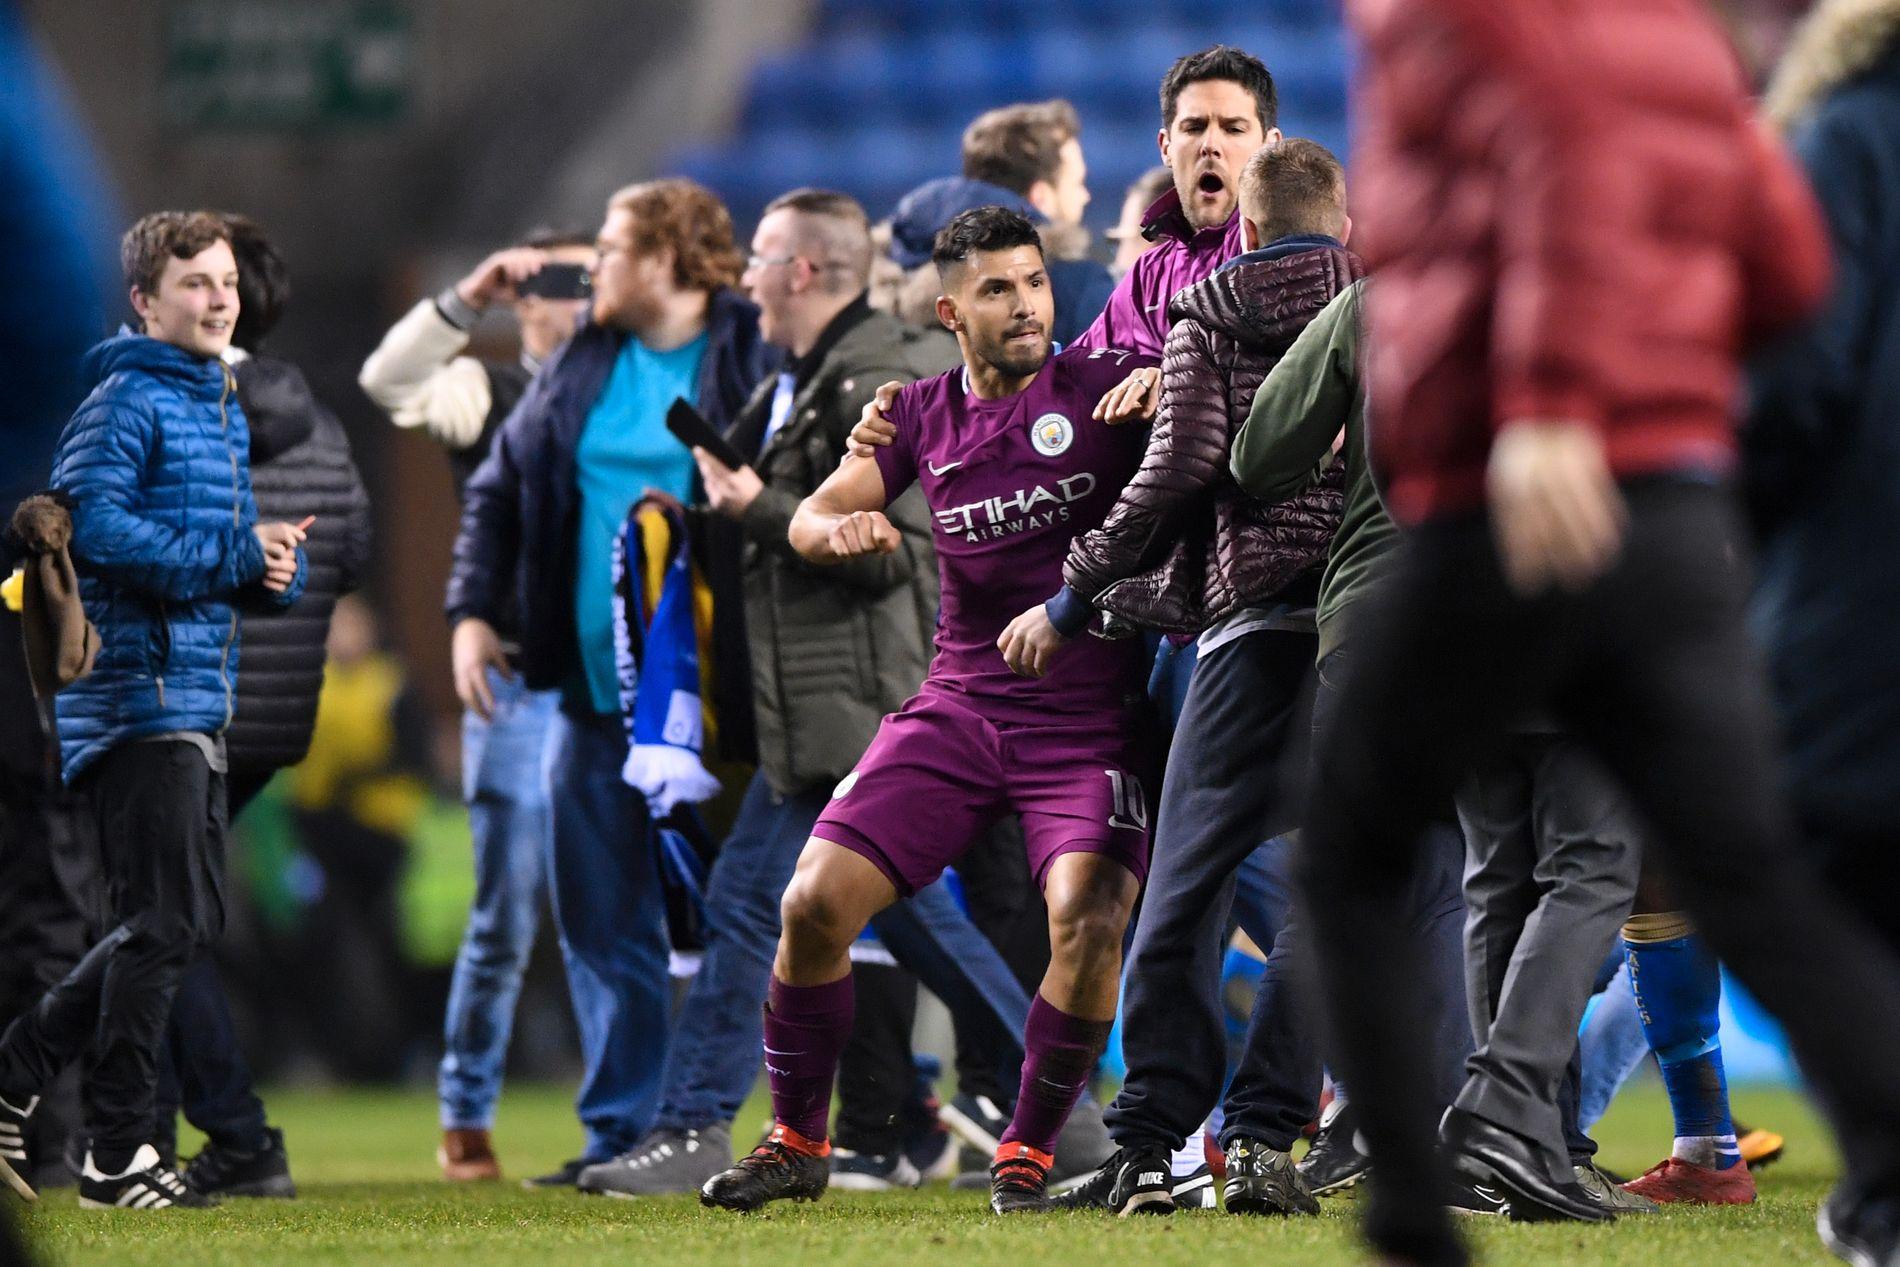 RASENDE: Sergio Agüero måtte holdes igjen av en i Citys støtteapparat etter kampen.